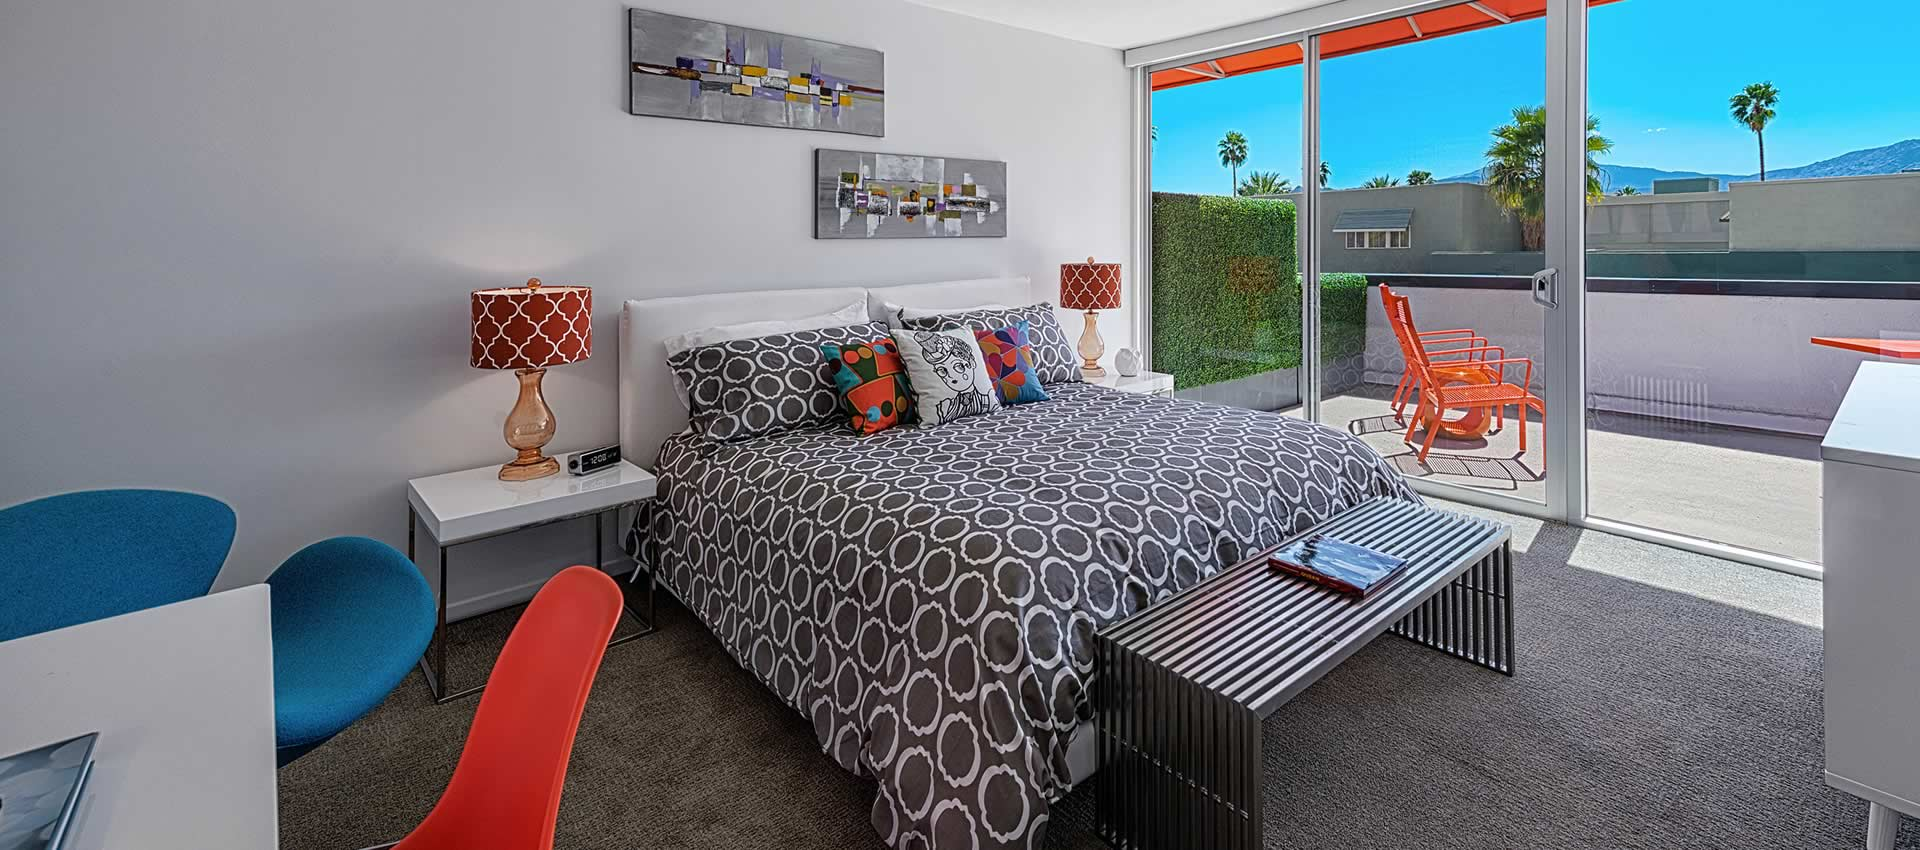 twist-hotel-room222-bedroom-01